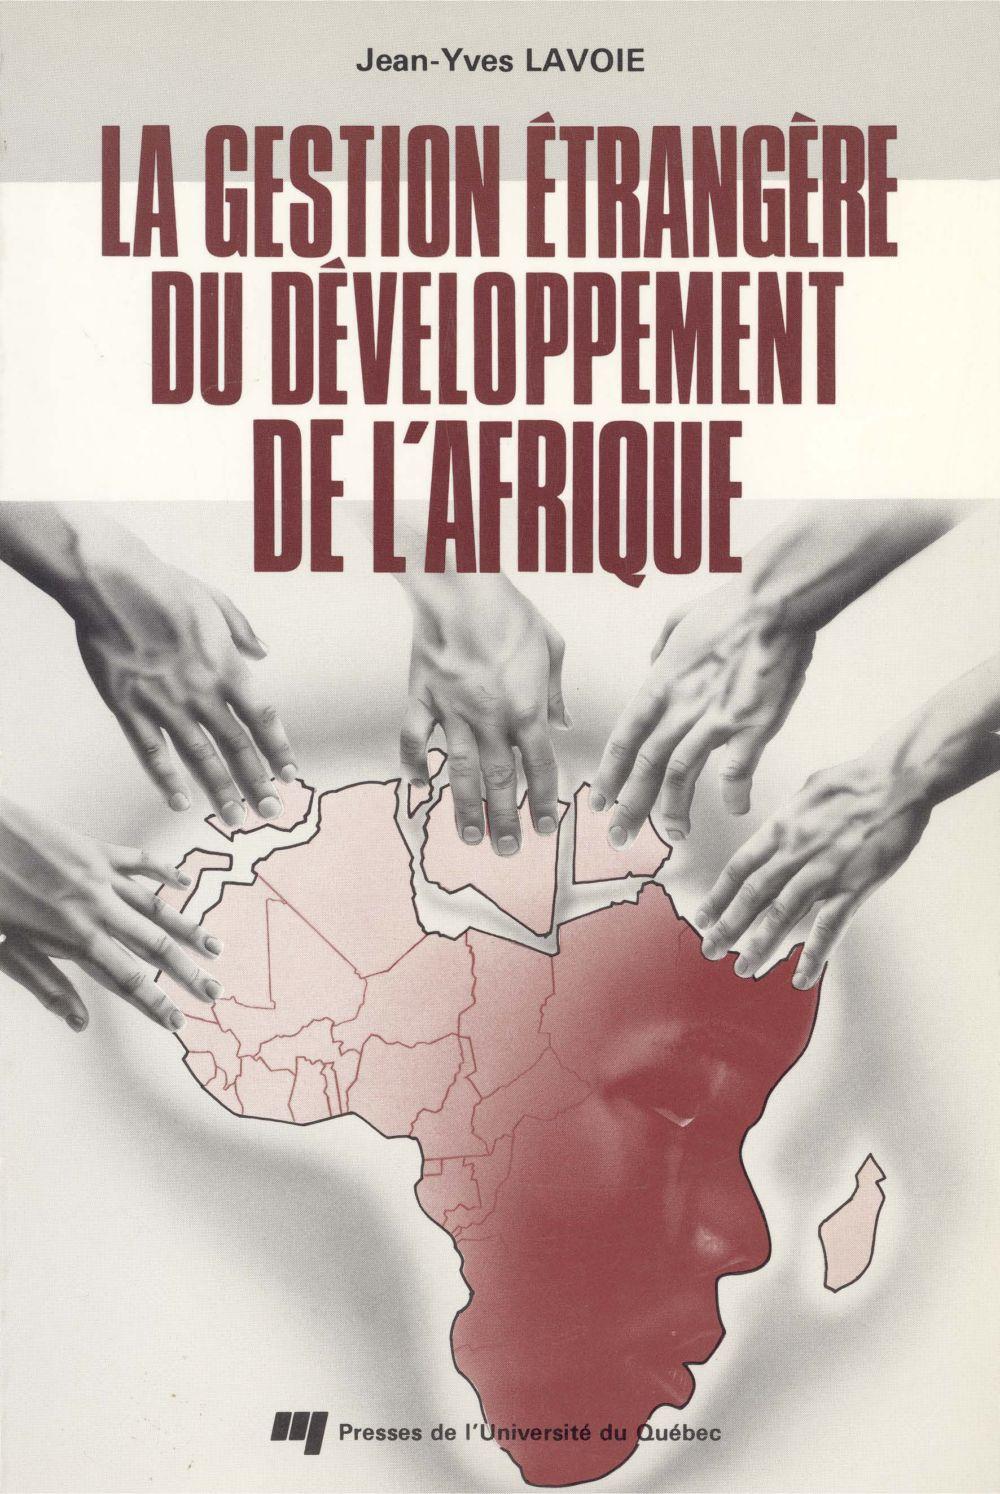 La gestion étrangère du développement de l'Afrique